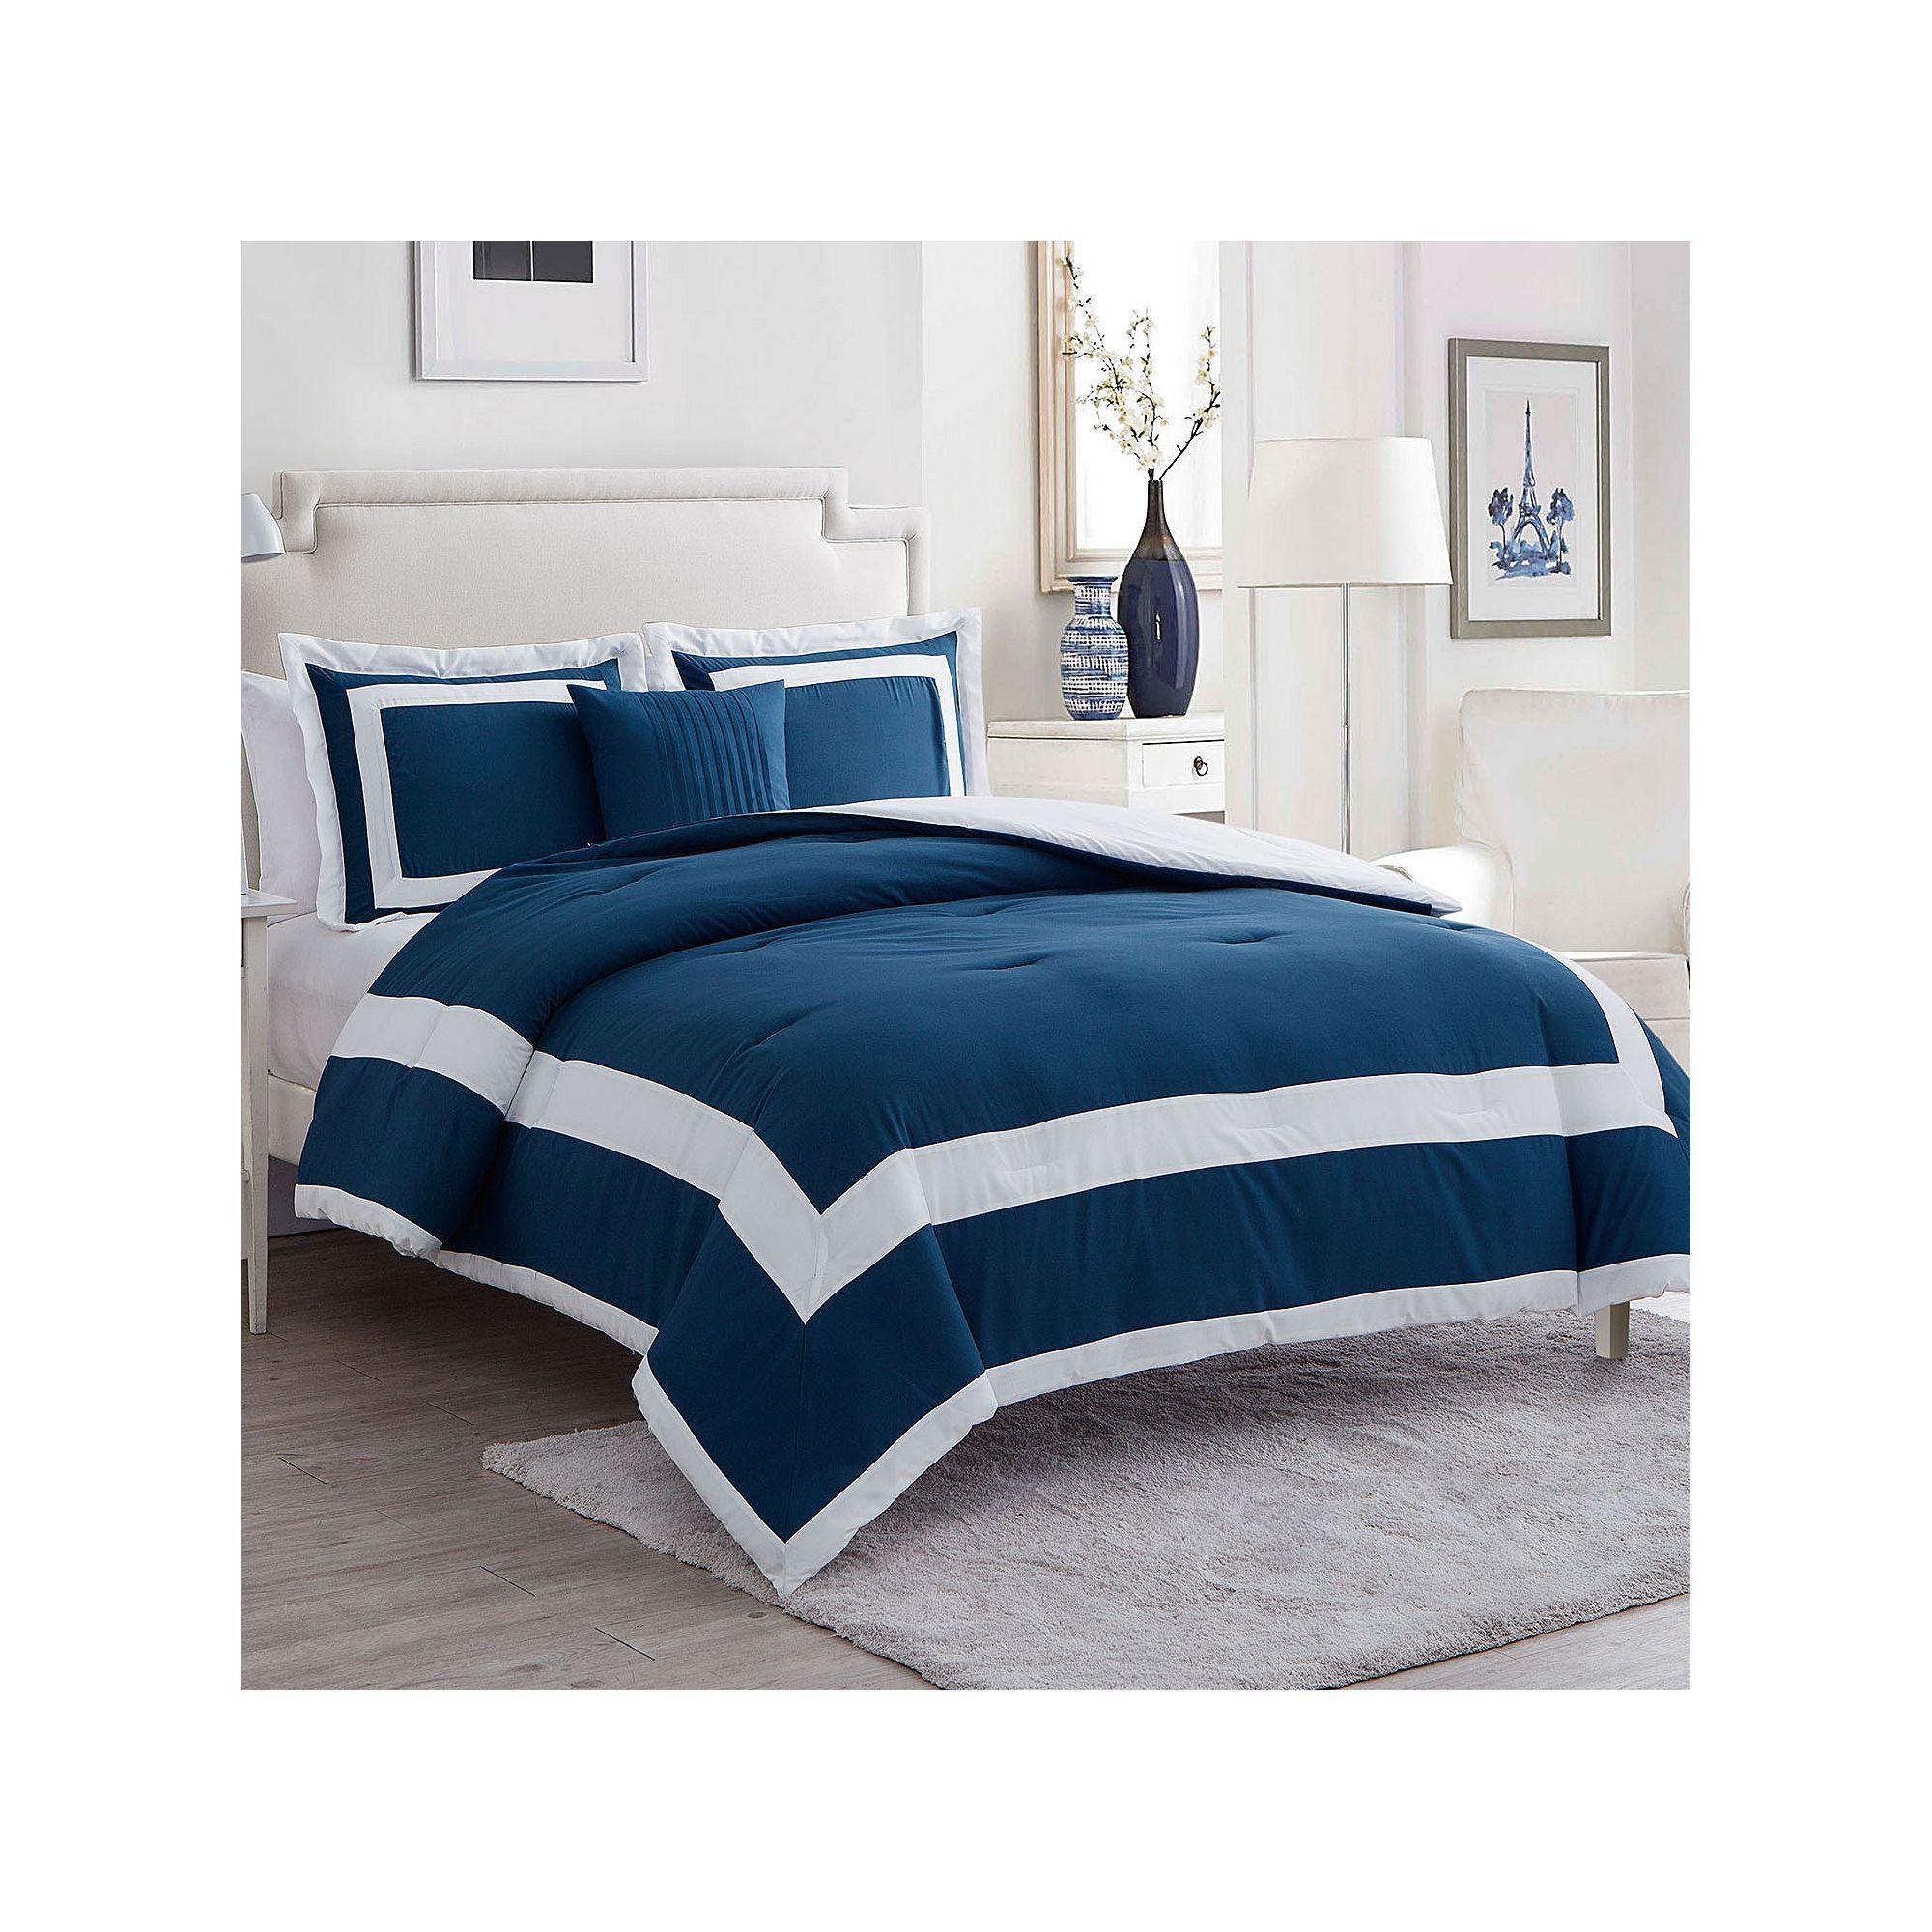 Vcny Alaina Duvet Cover Set Blue King Discount Bedroom Furniture Comforter Sets Duvet Cover Sets